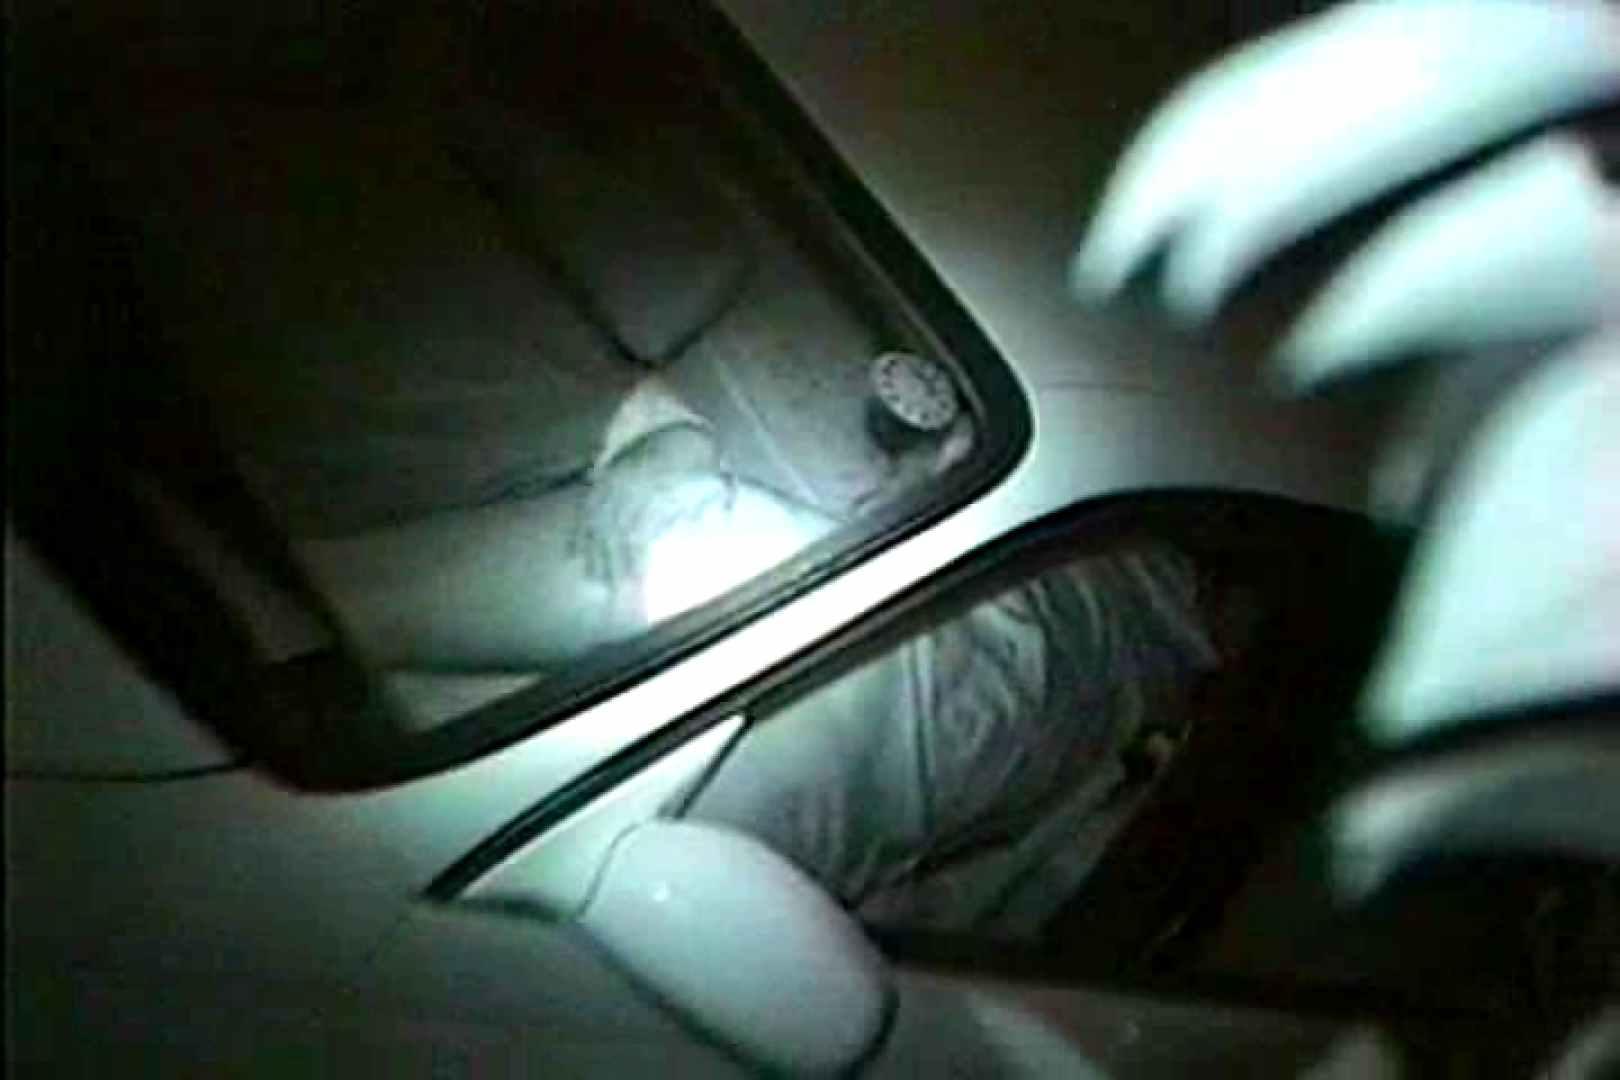 車の中はラブホテル 無修正版  Vol.6 エロティックなOL ワレメ無修正動画無料 89画像 66